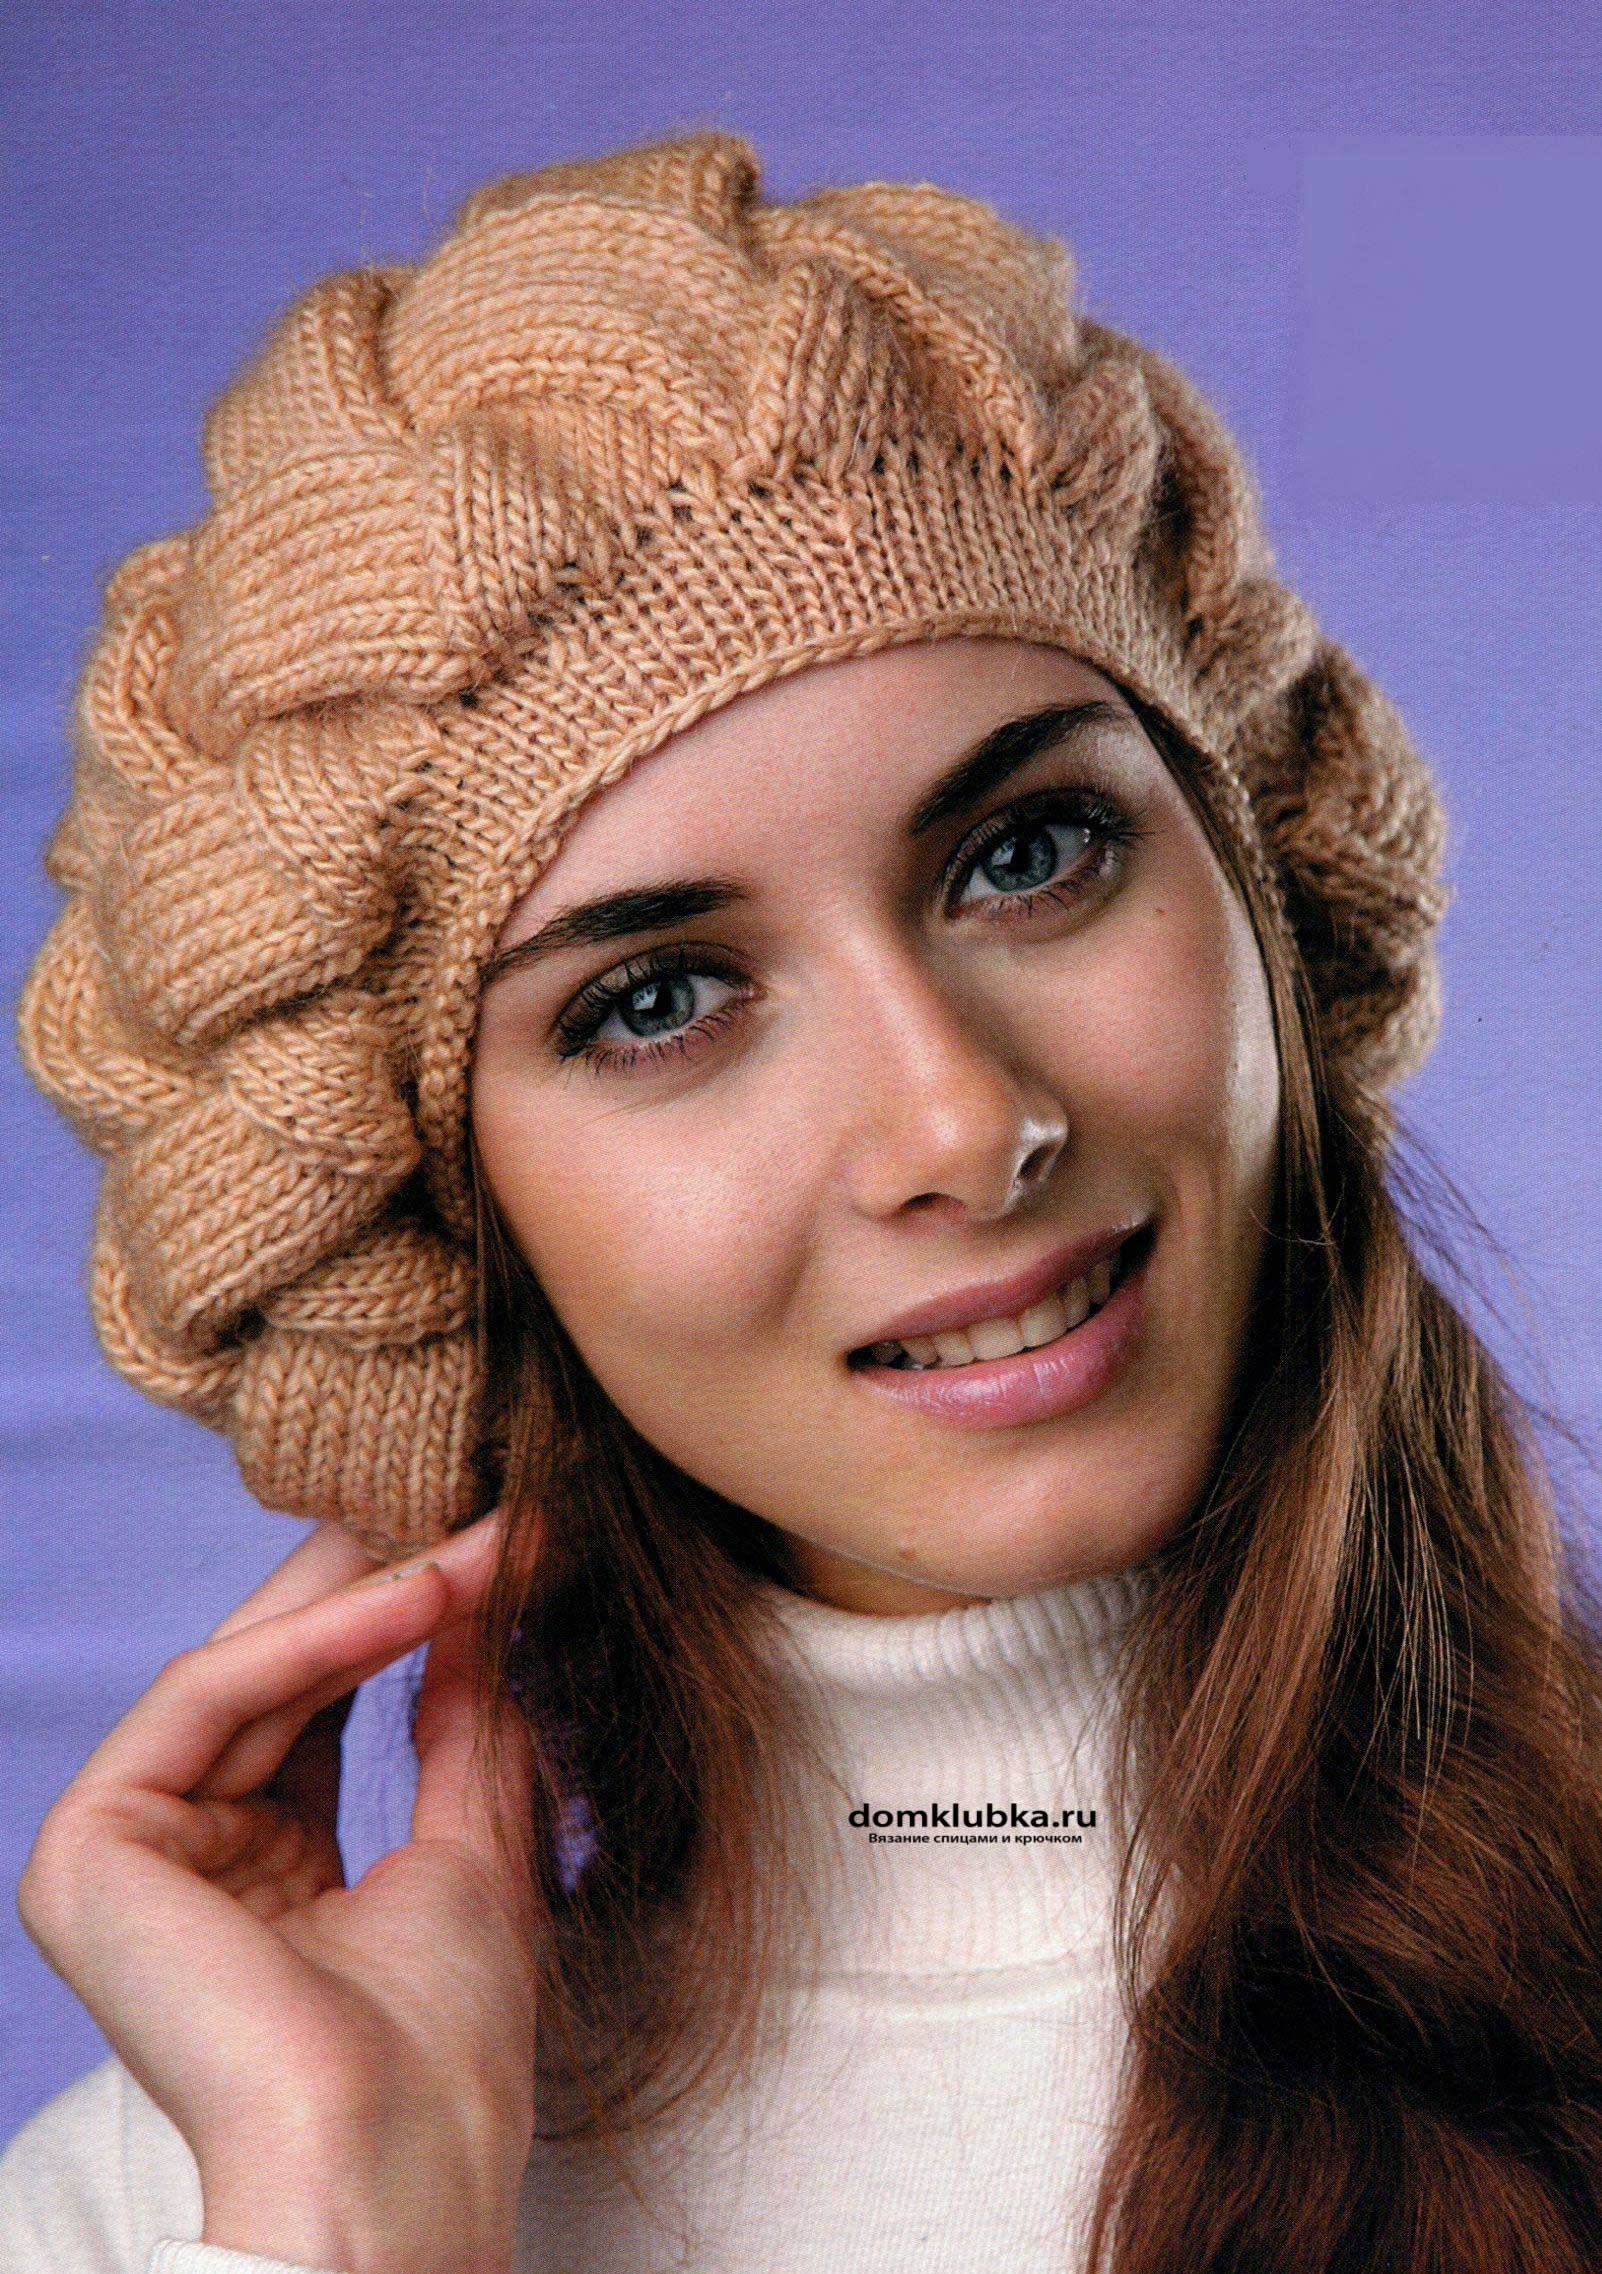 вязание на спицах шапка жемчужная зима косы плетенка схема